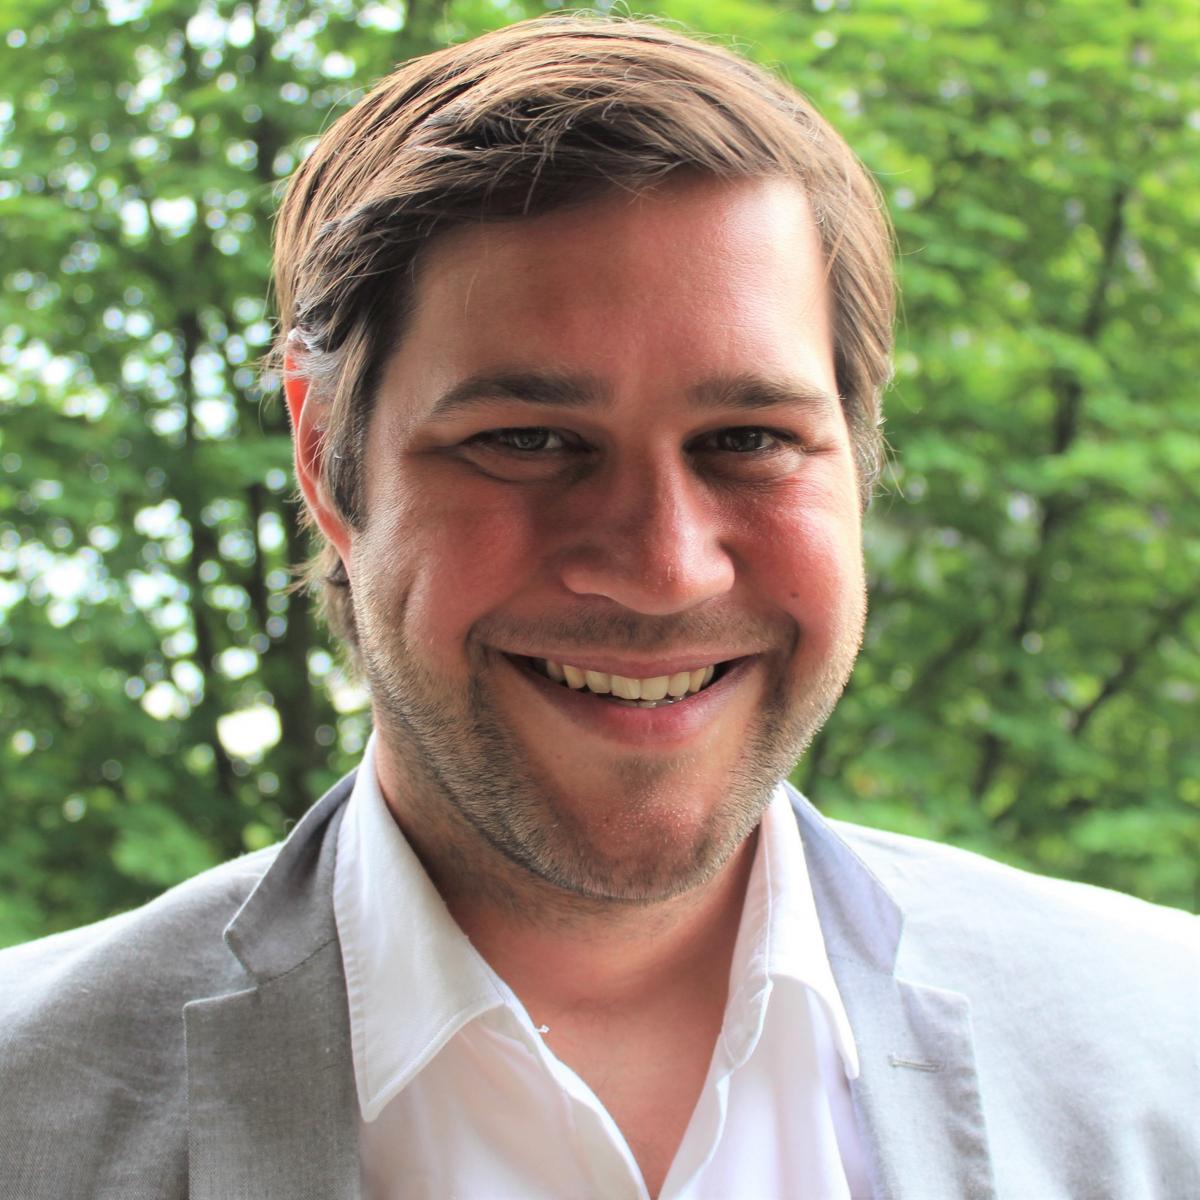 Maxence Hollebecq